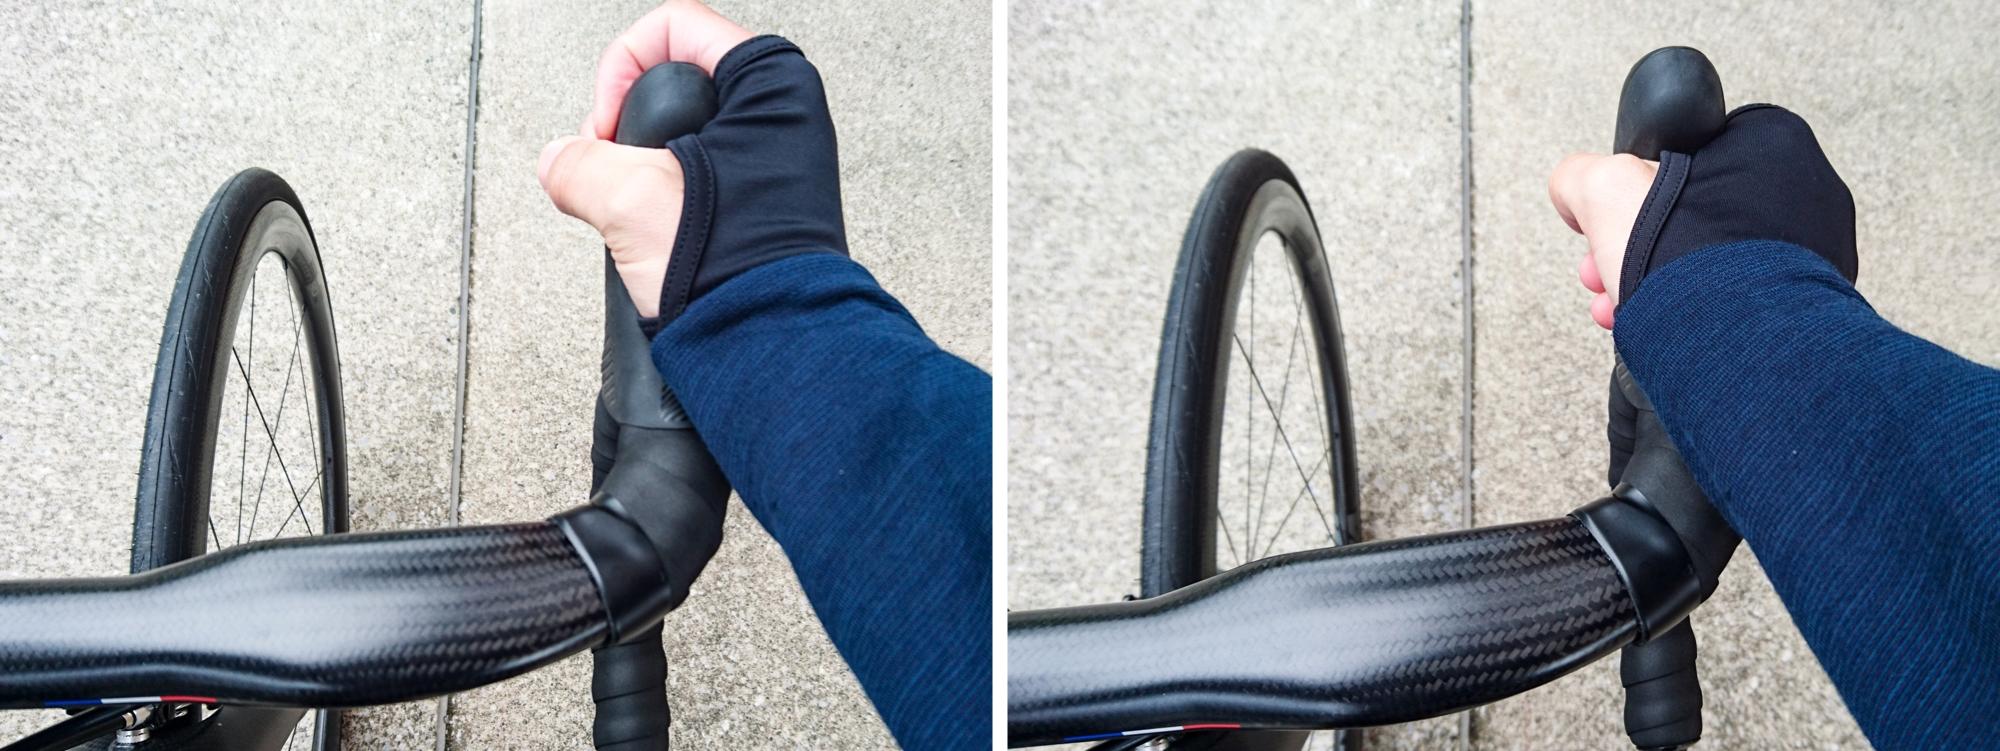 自転車STI・ブラケットの形状の比較